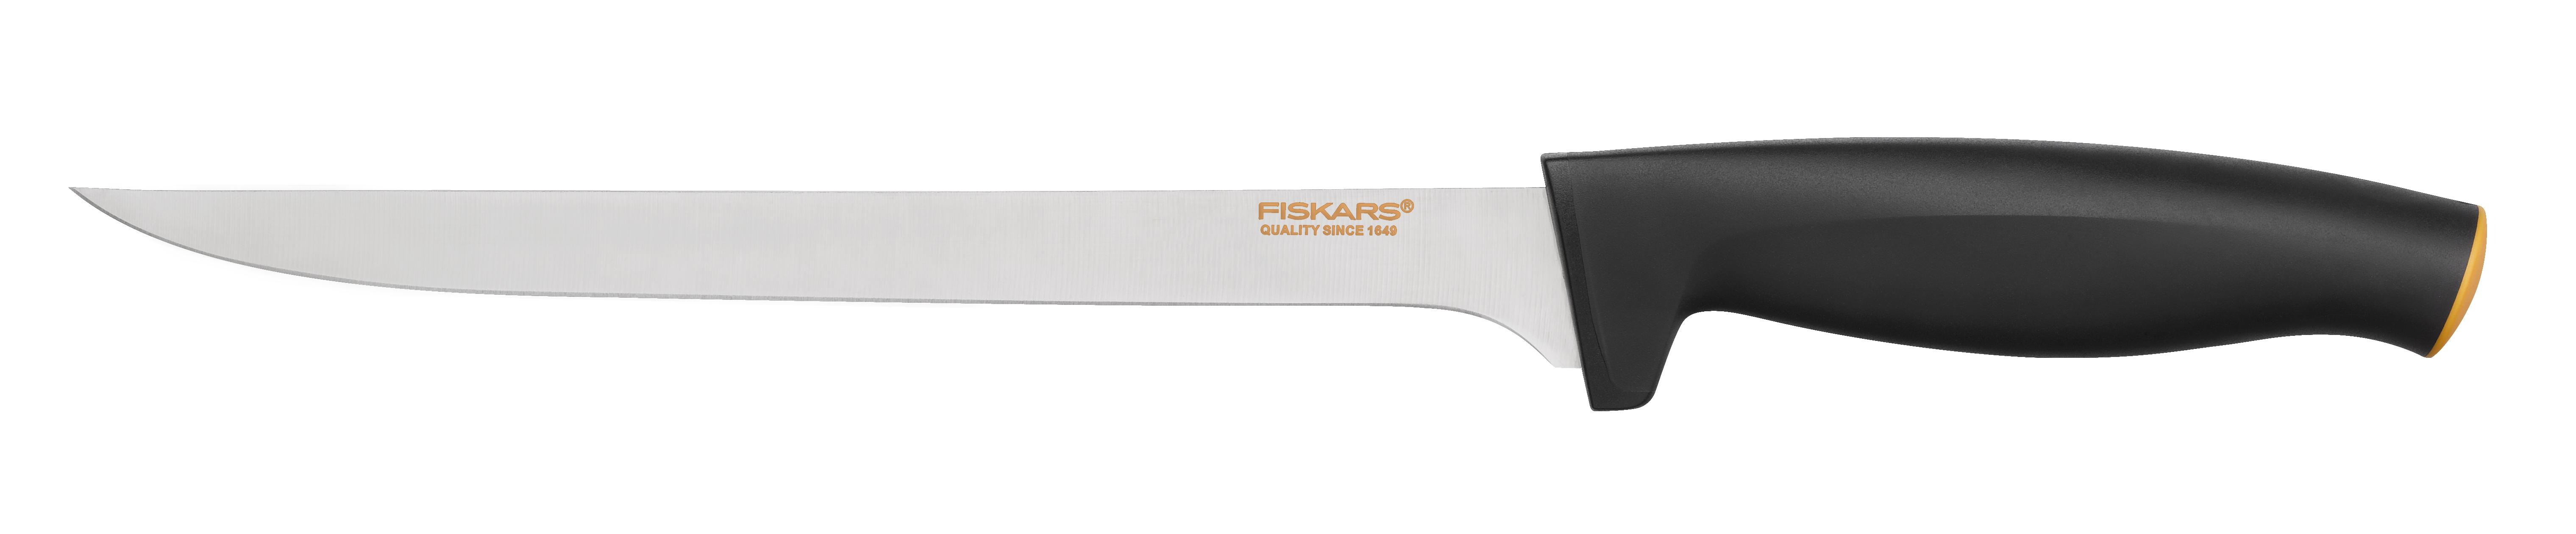 Fiskars Functional Form Filékniv 20 cm